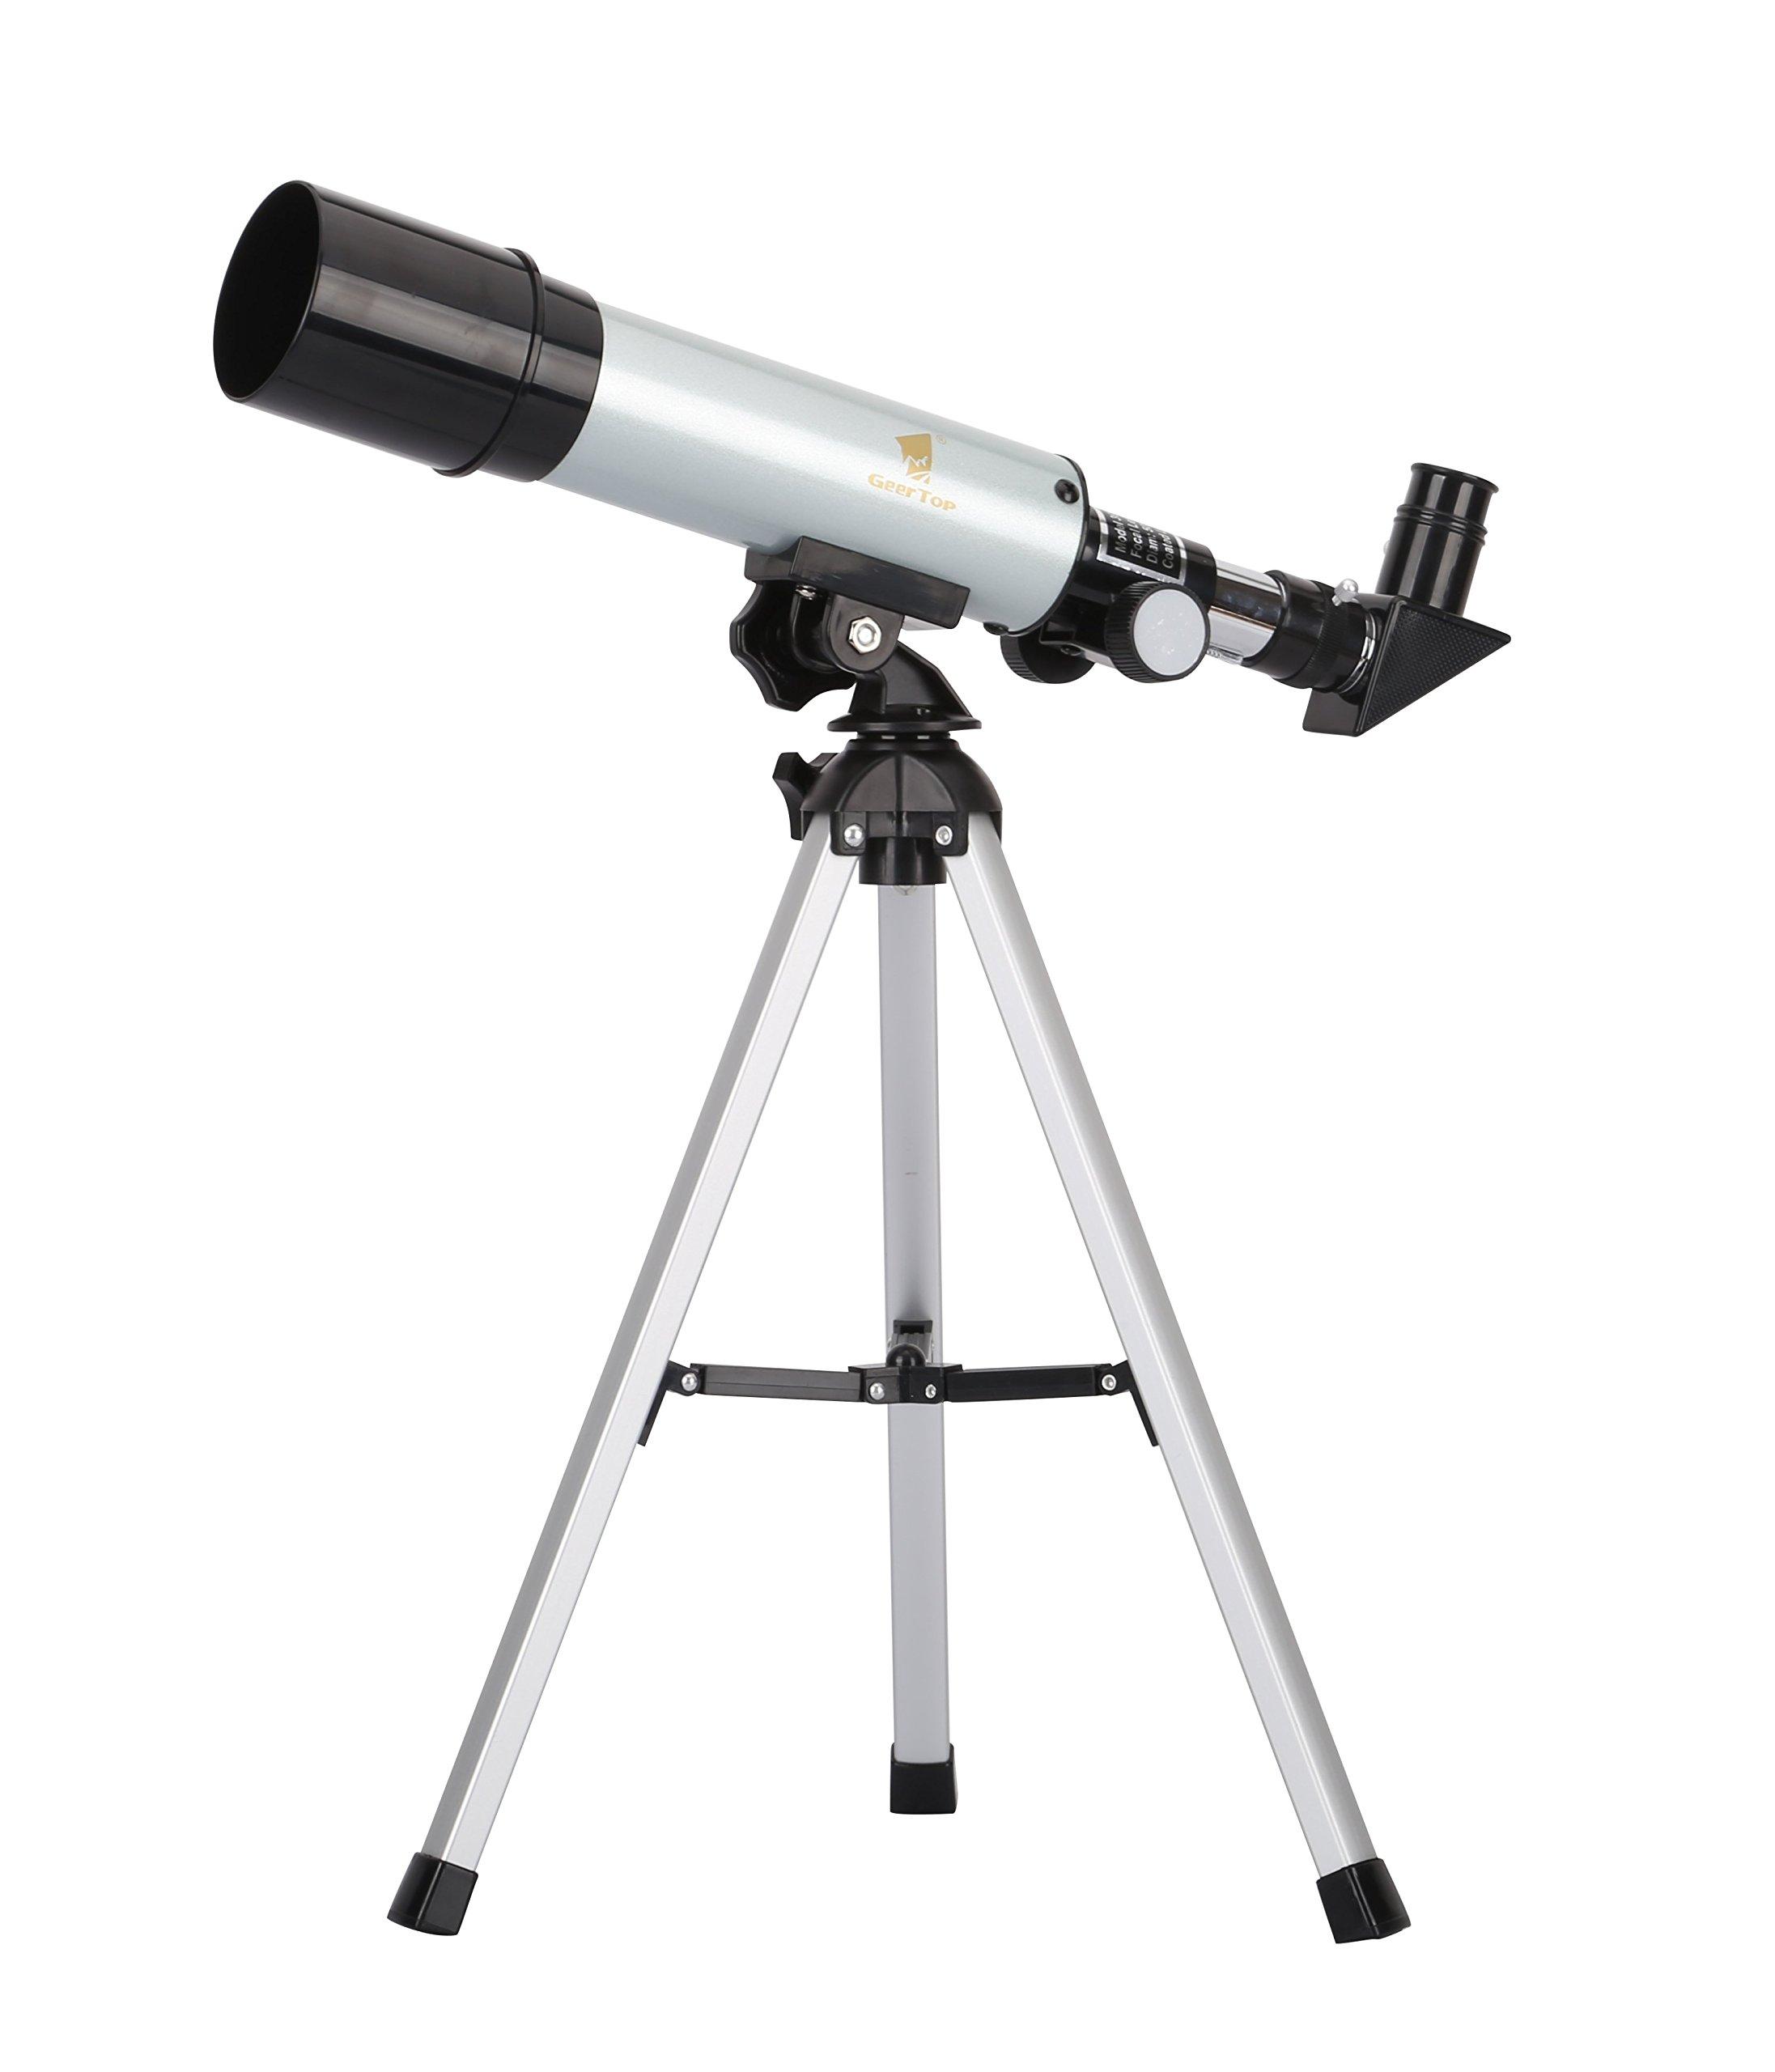 GEERTOP 90X Portable Astronomical Refractor Tabletop Telescope, 360X50mm, for Kids Sky Star Gazing & Birds Watching